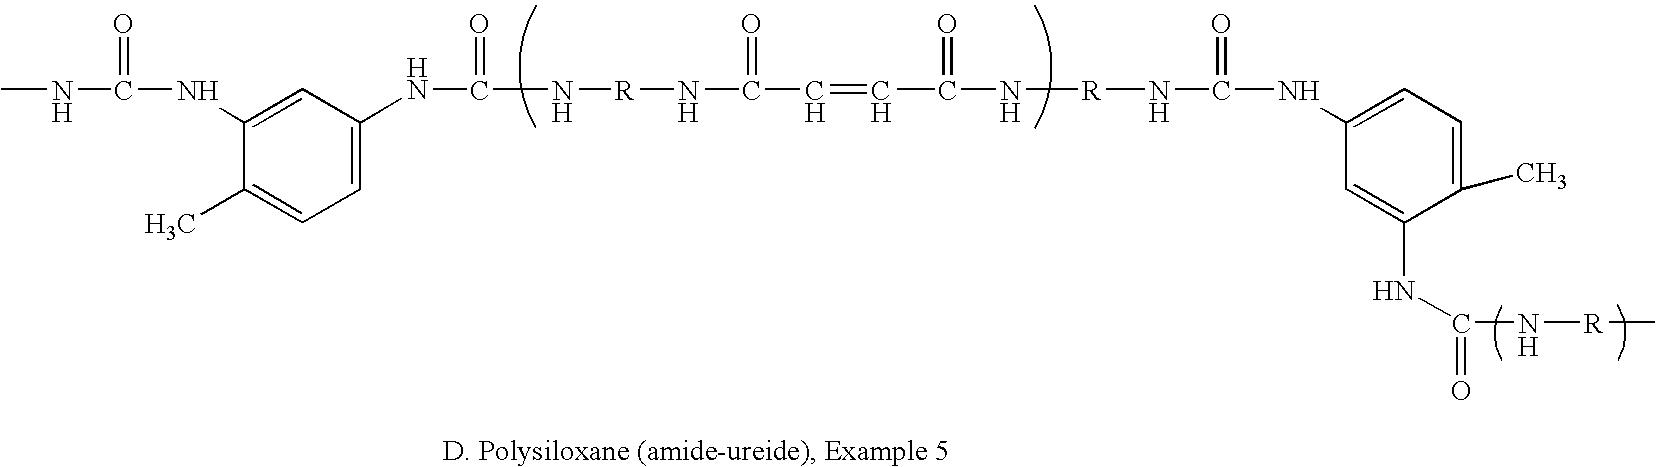 Figure US20030235696A1-20031225-C00016